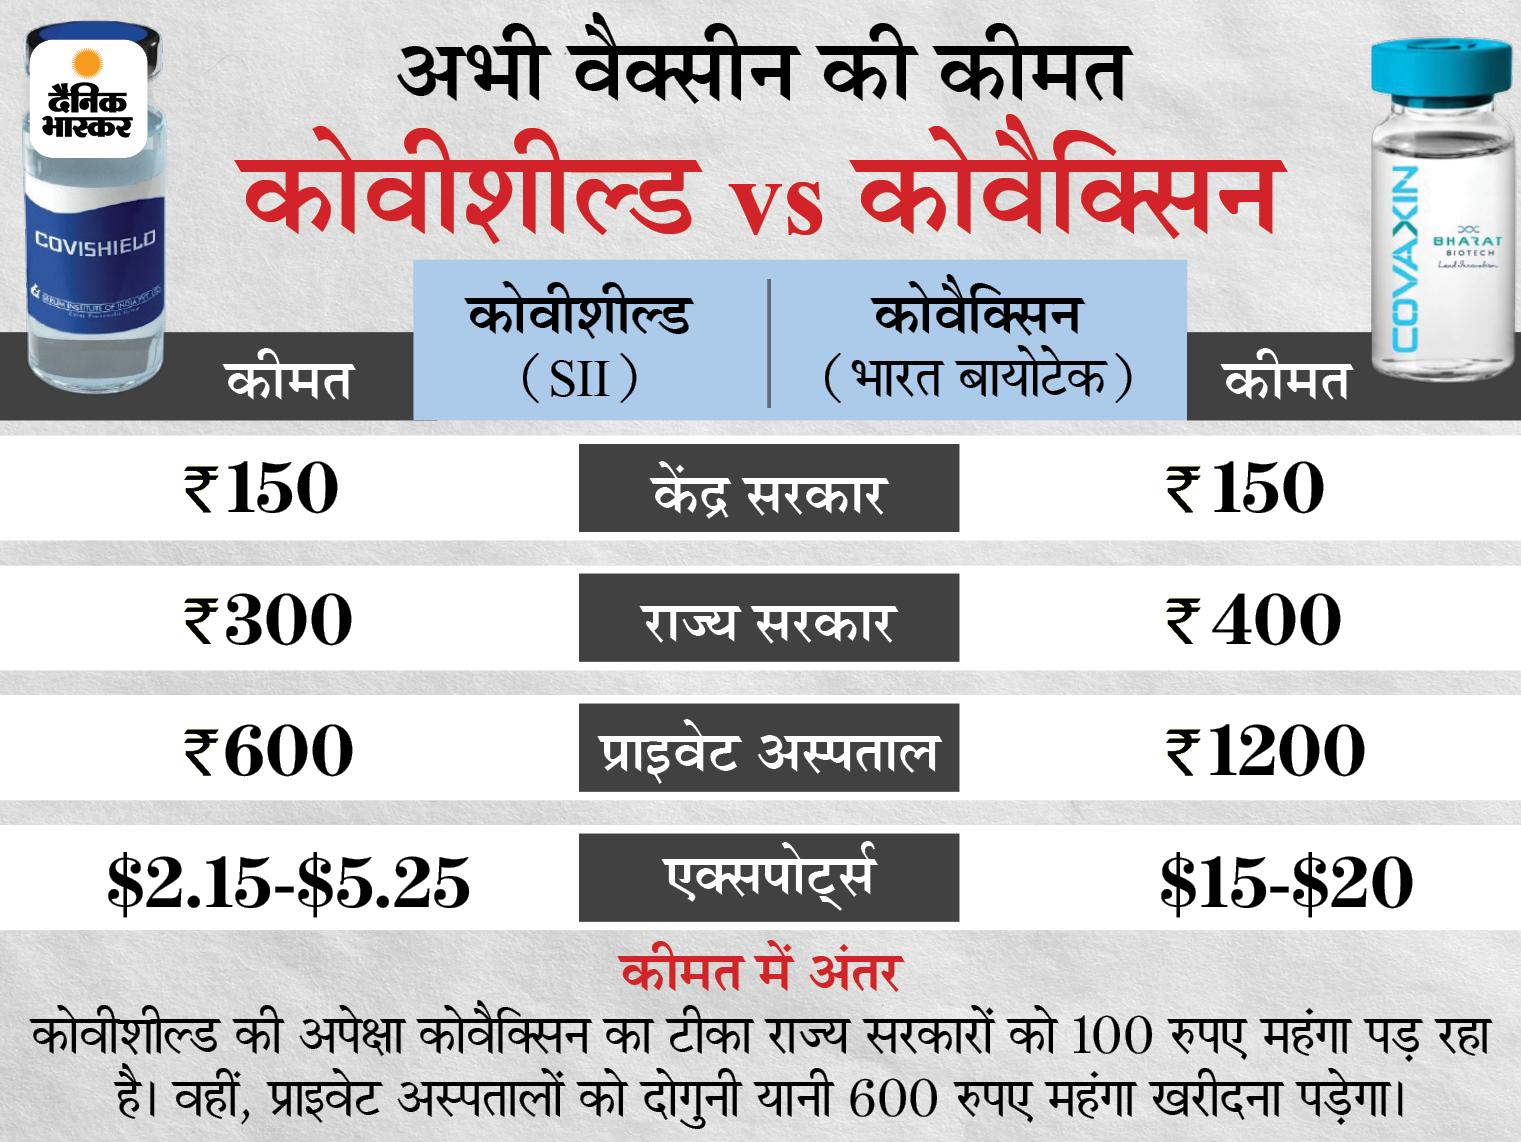 राज्यों को 600 की जगह 400 रुपए में दी जाएगी वैक्सीन, एक दिन पहले ही कोवीशील्ड के रेट कम हुए थे|देश,National - Dainik Bhaskar